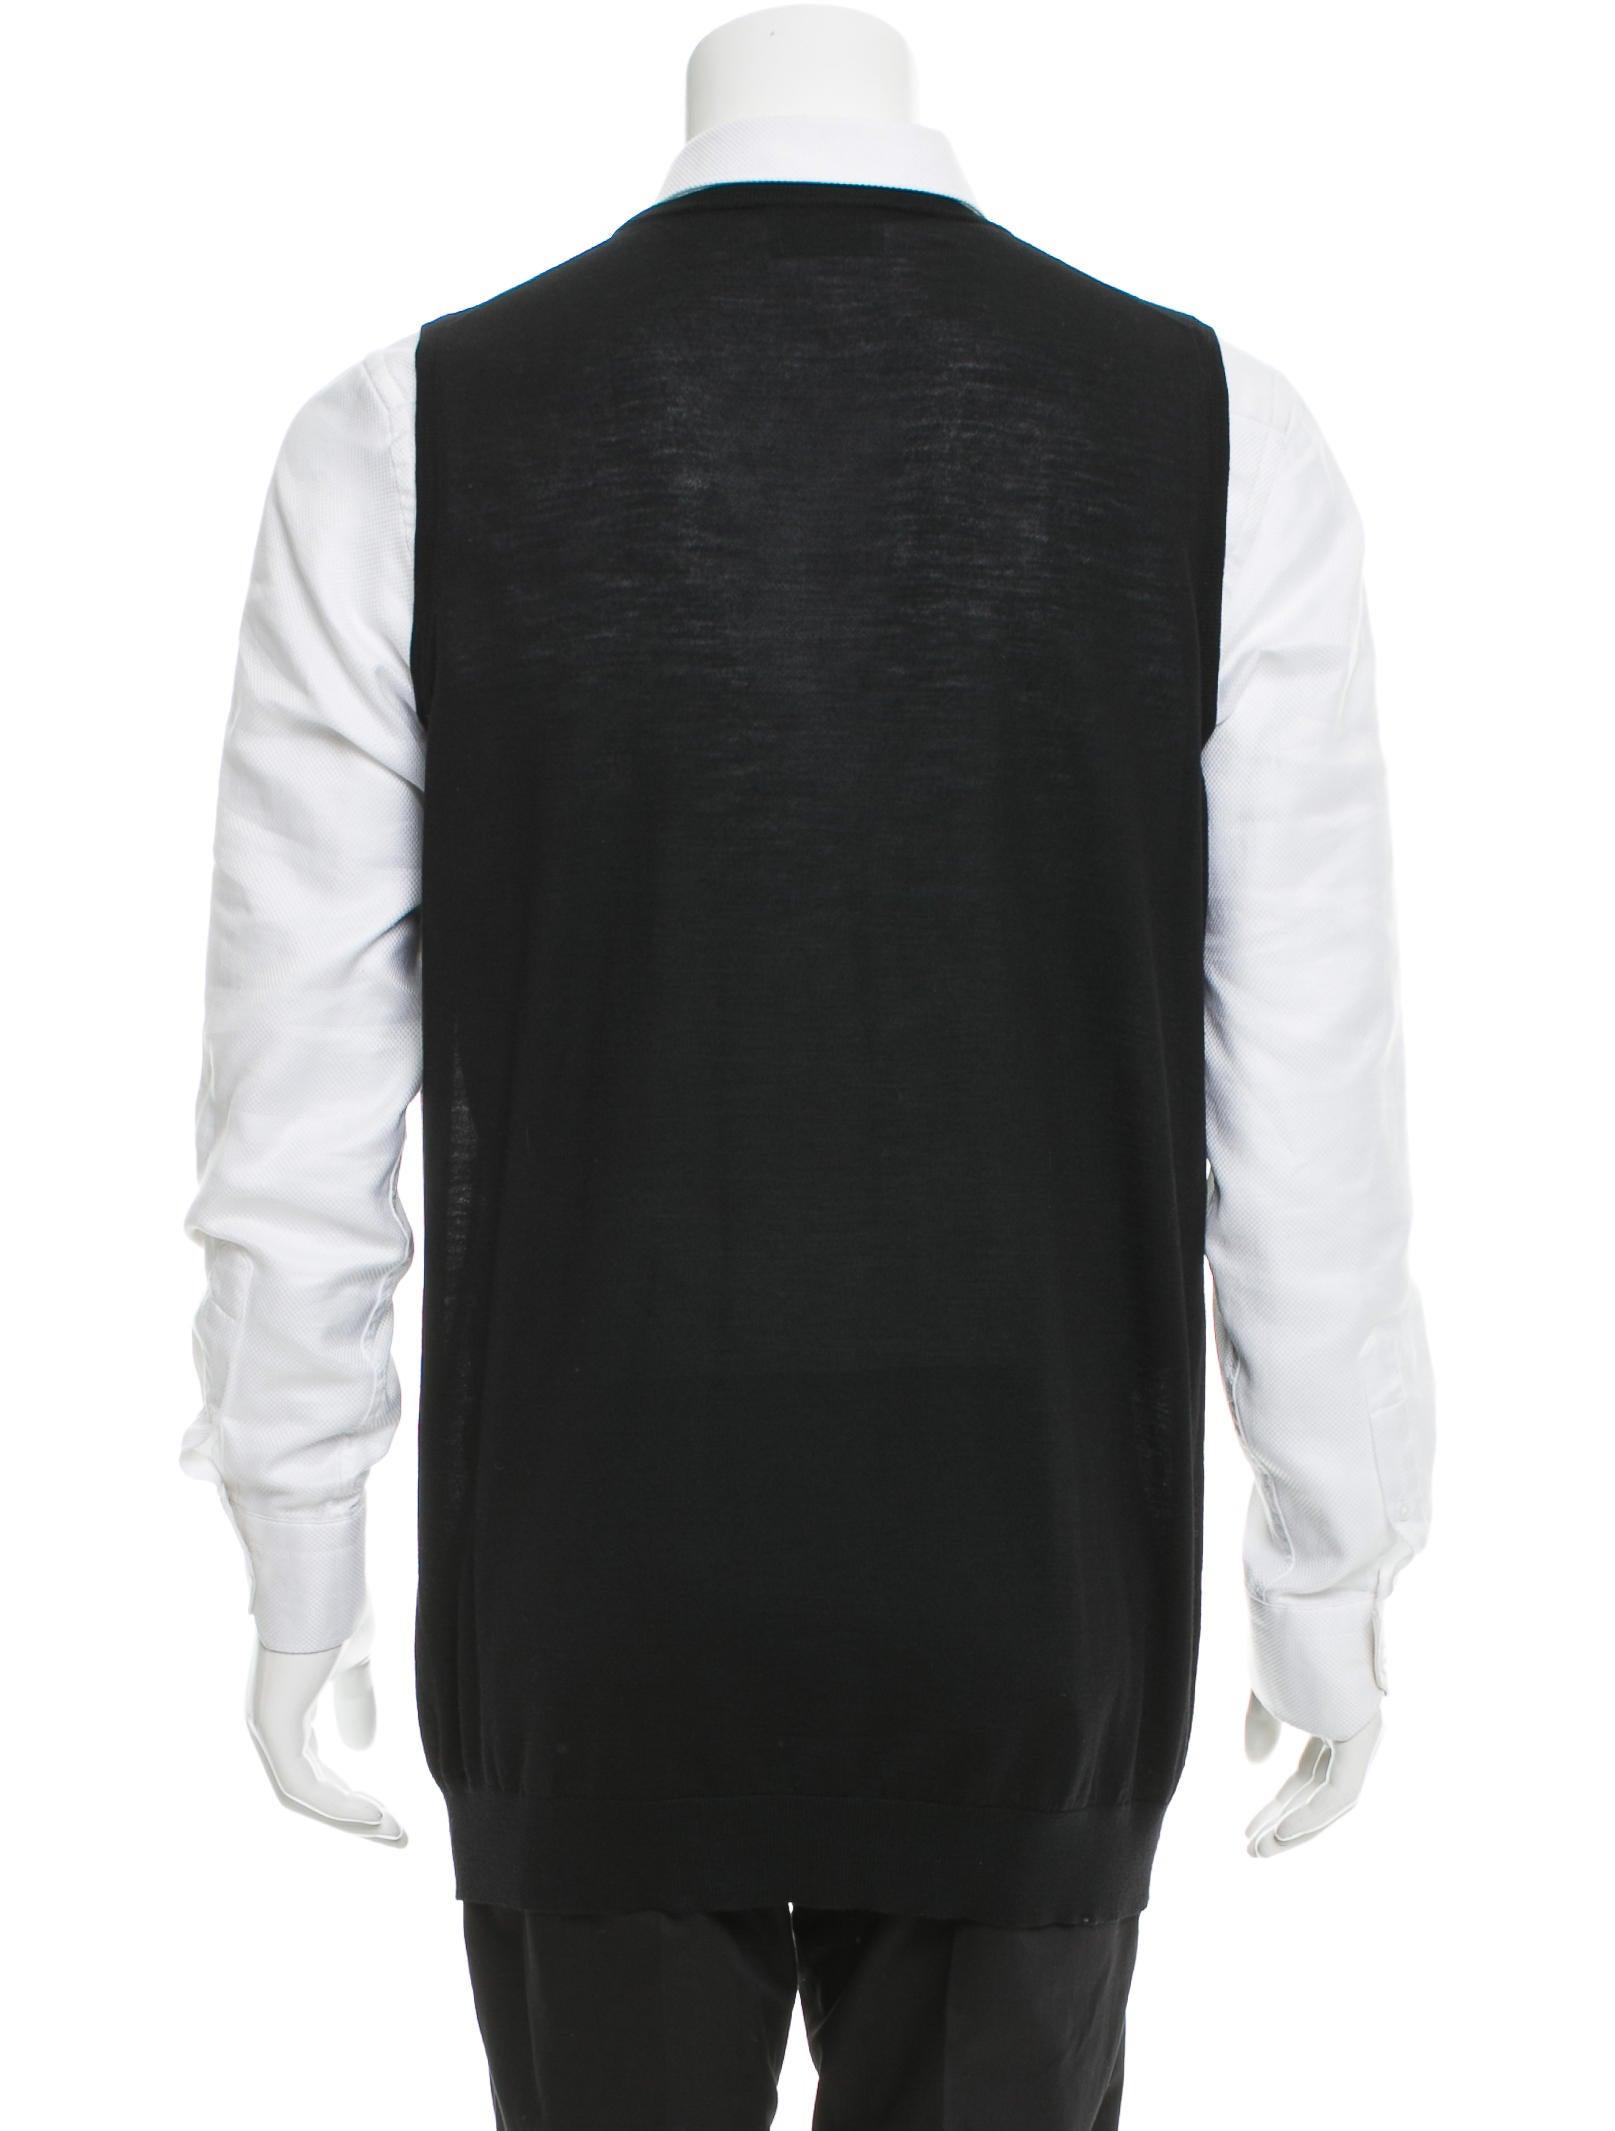 Prada Diamond Pattern Sweater Vest - Clothing - PRA141568 | The ...